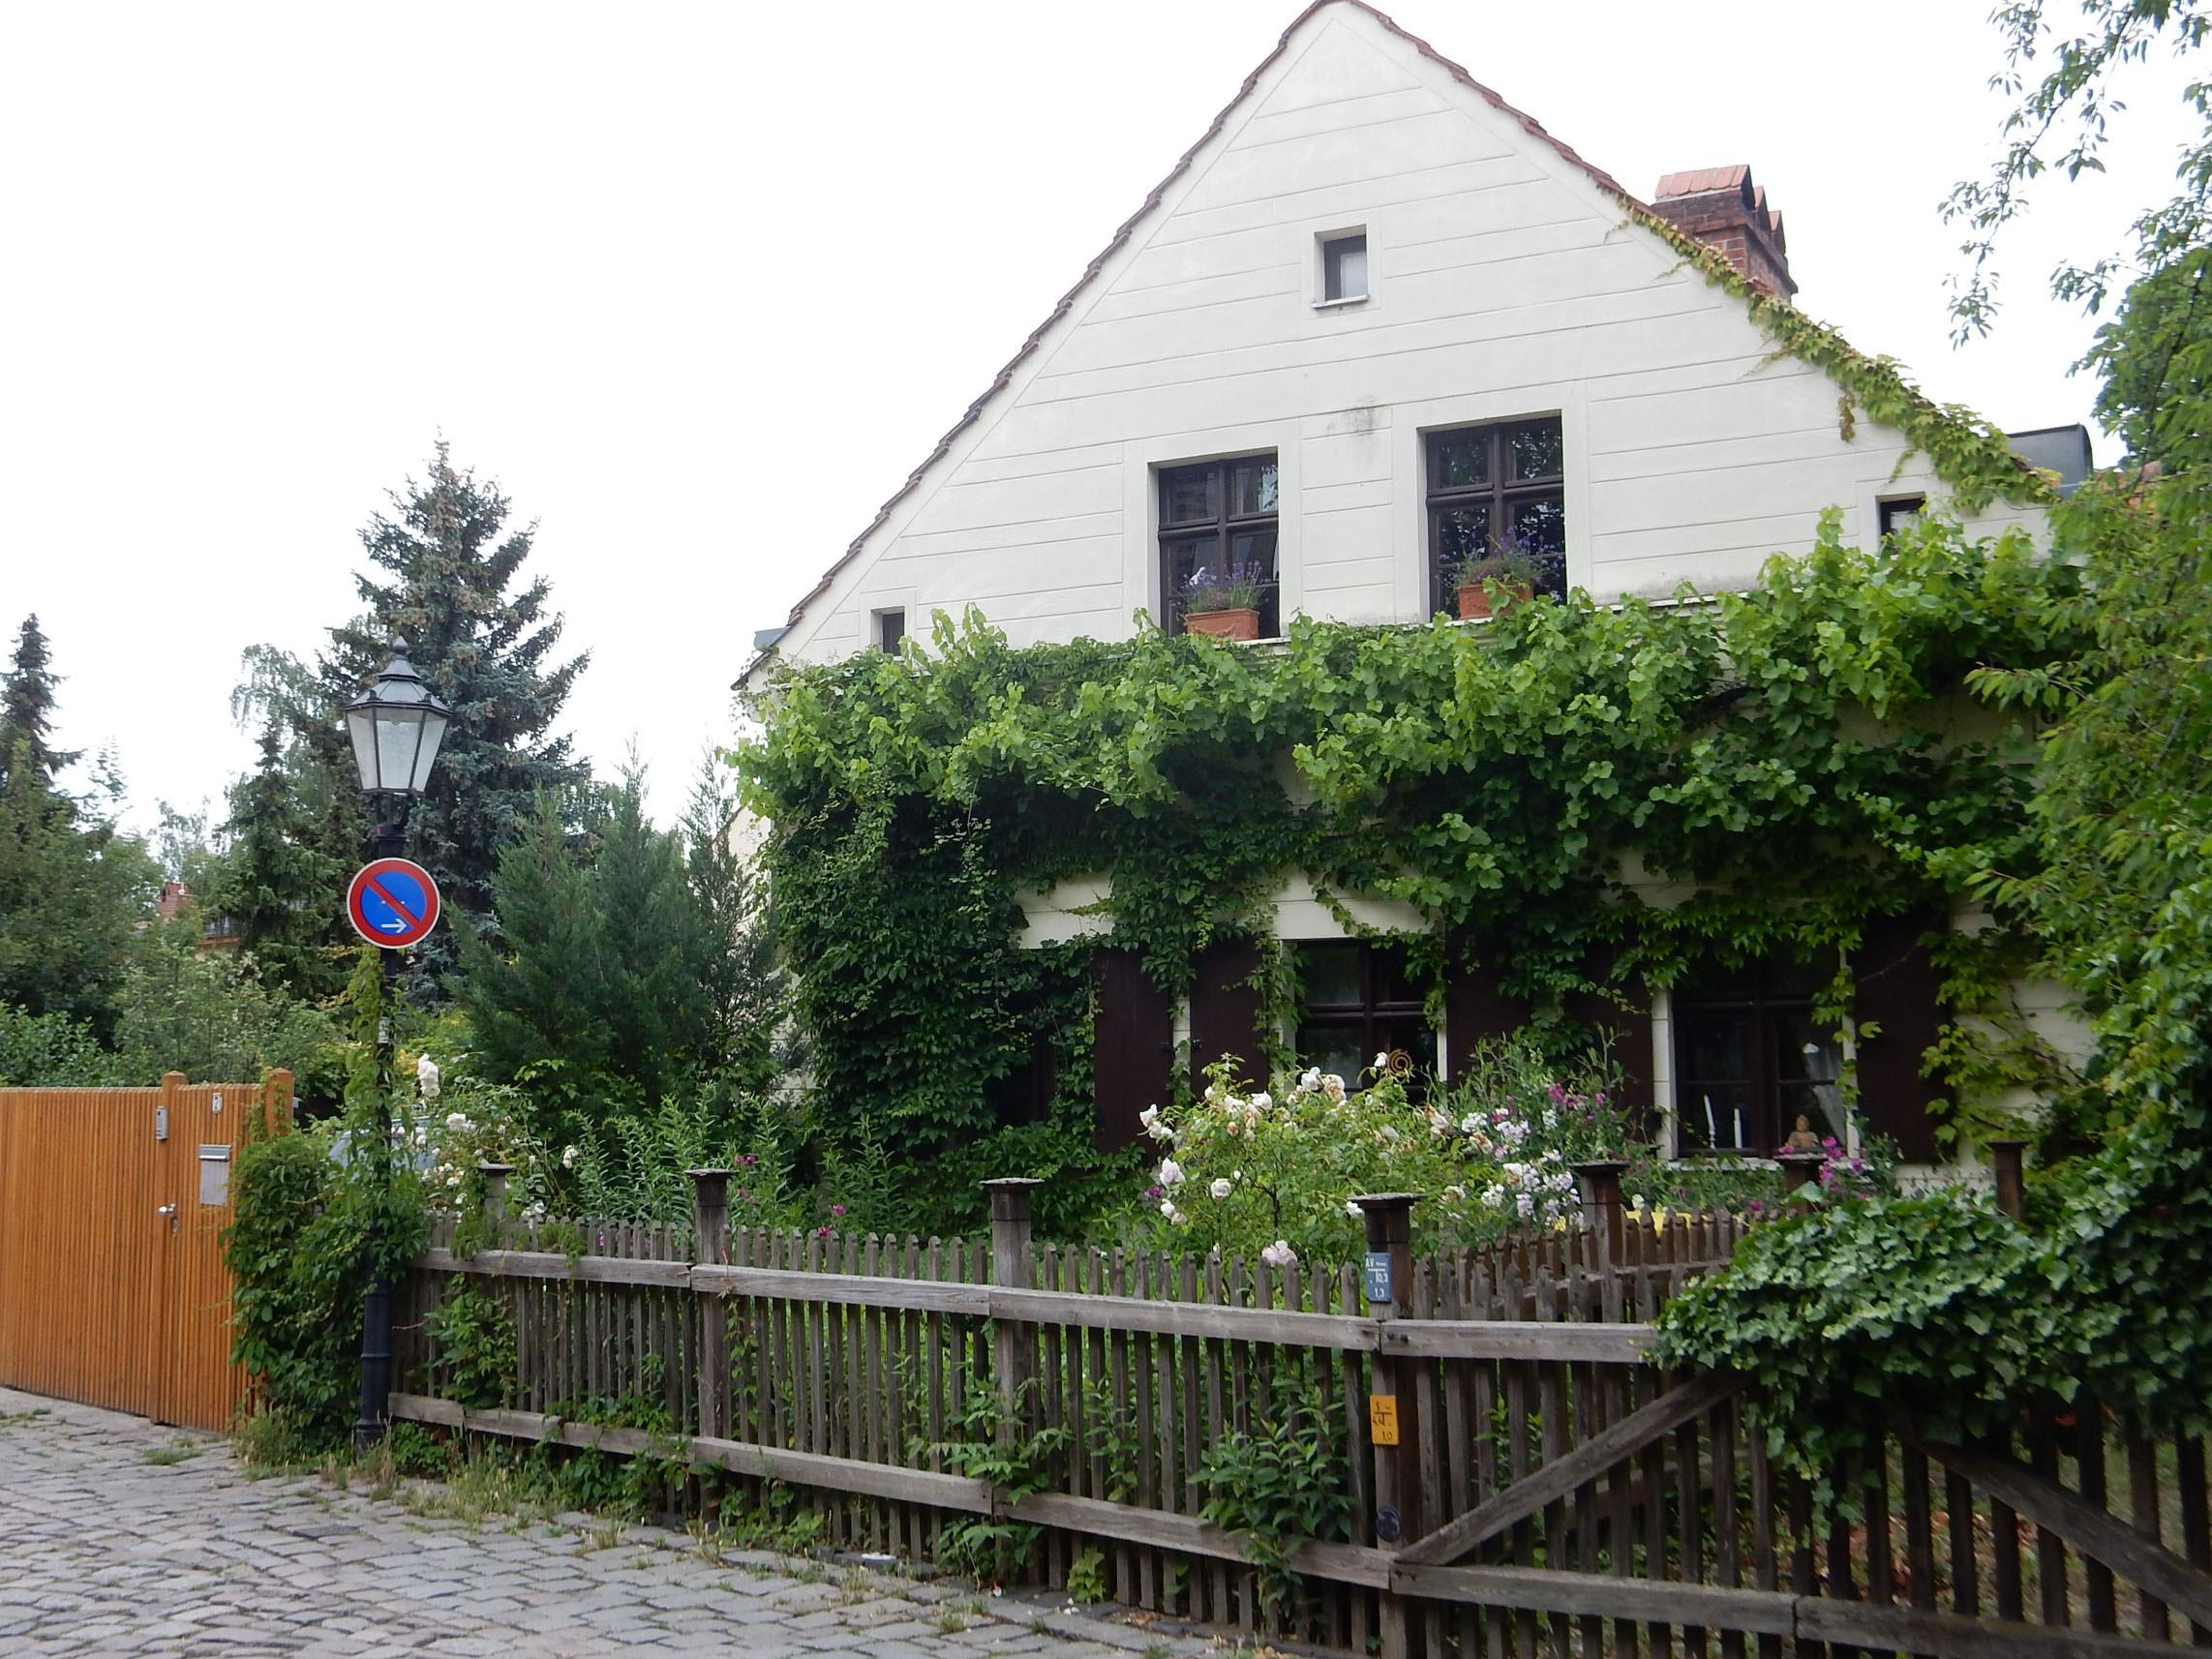 48 Stunden Neukölln - Rixdorf